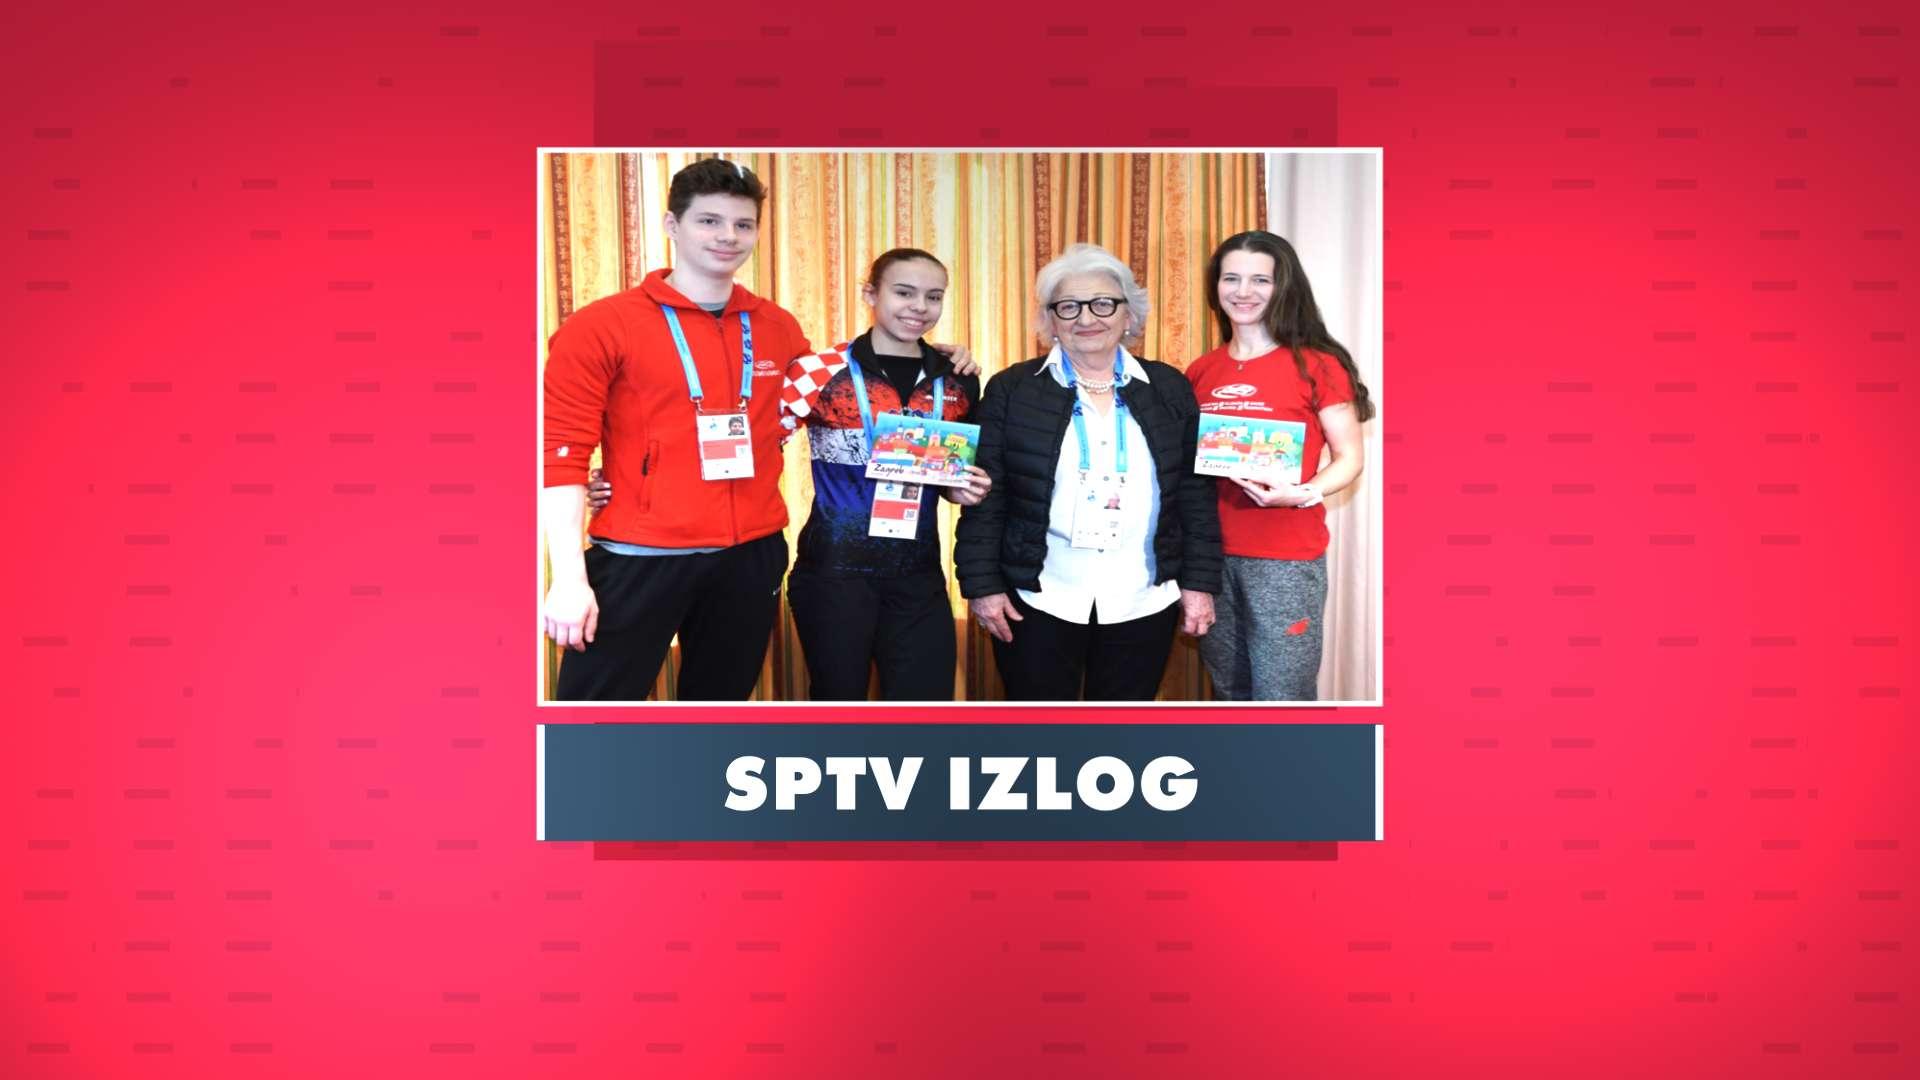 SPTV izlog